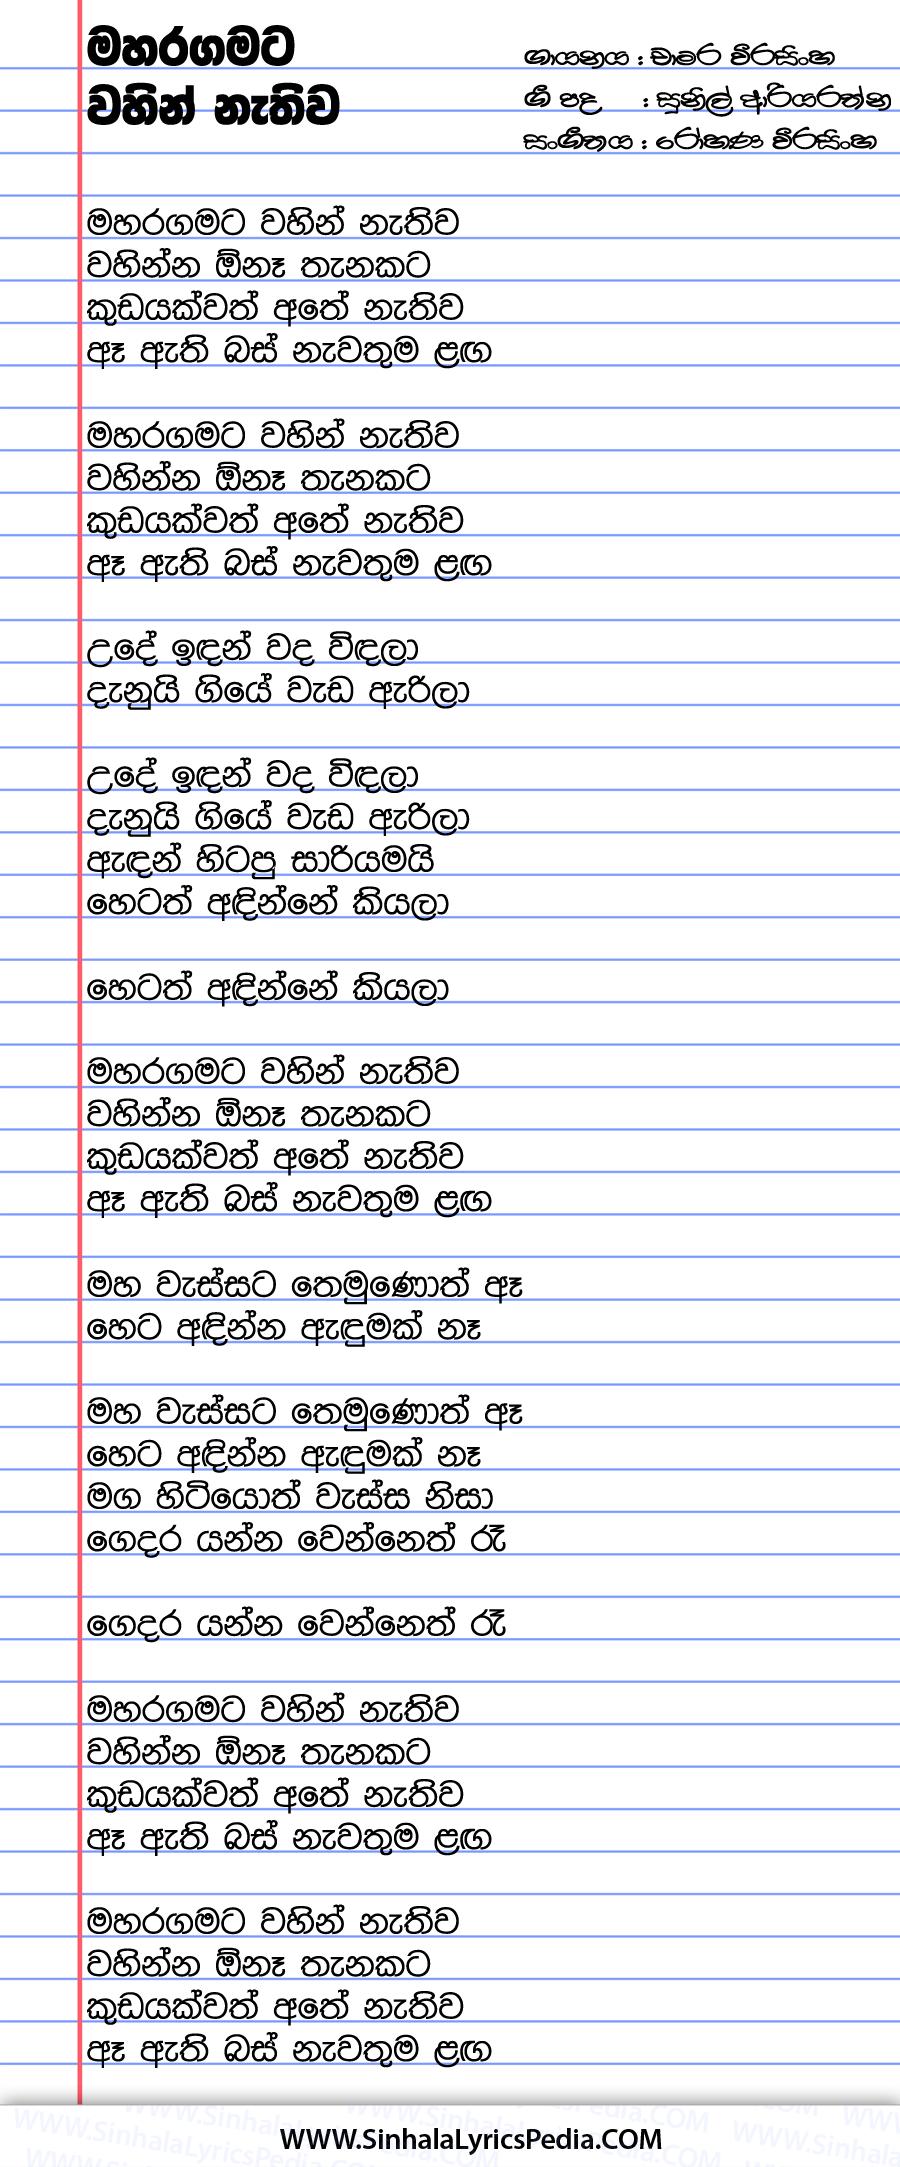 Maharagamata Wahin Nathuwa Song Lyrics